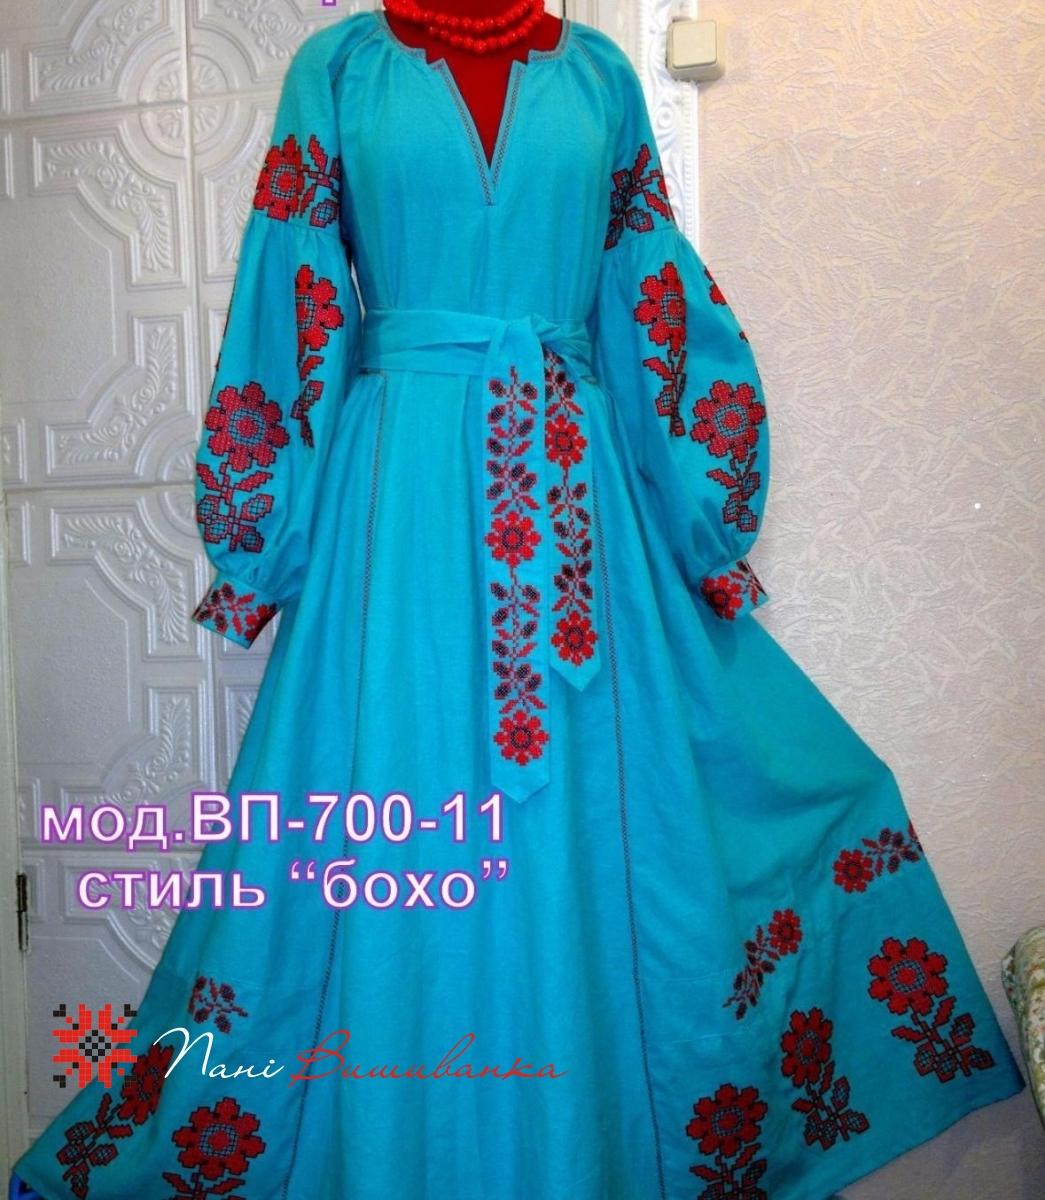 Плаття в стилі БОХО бірюза- червоне 008 d1fd191589ac9